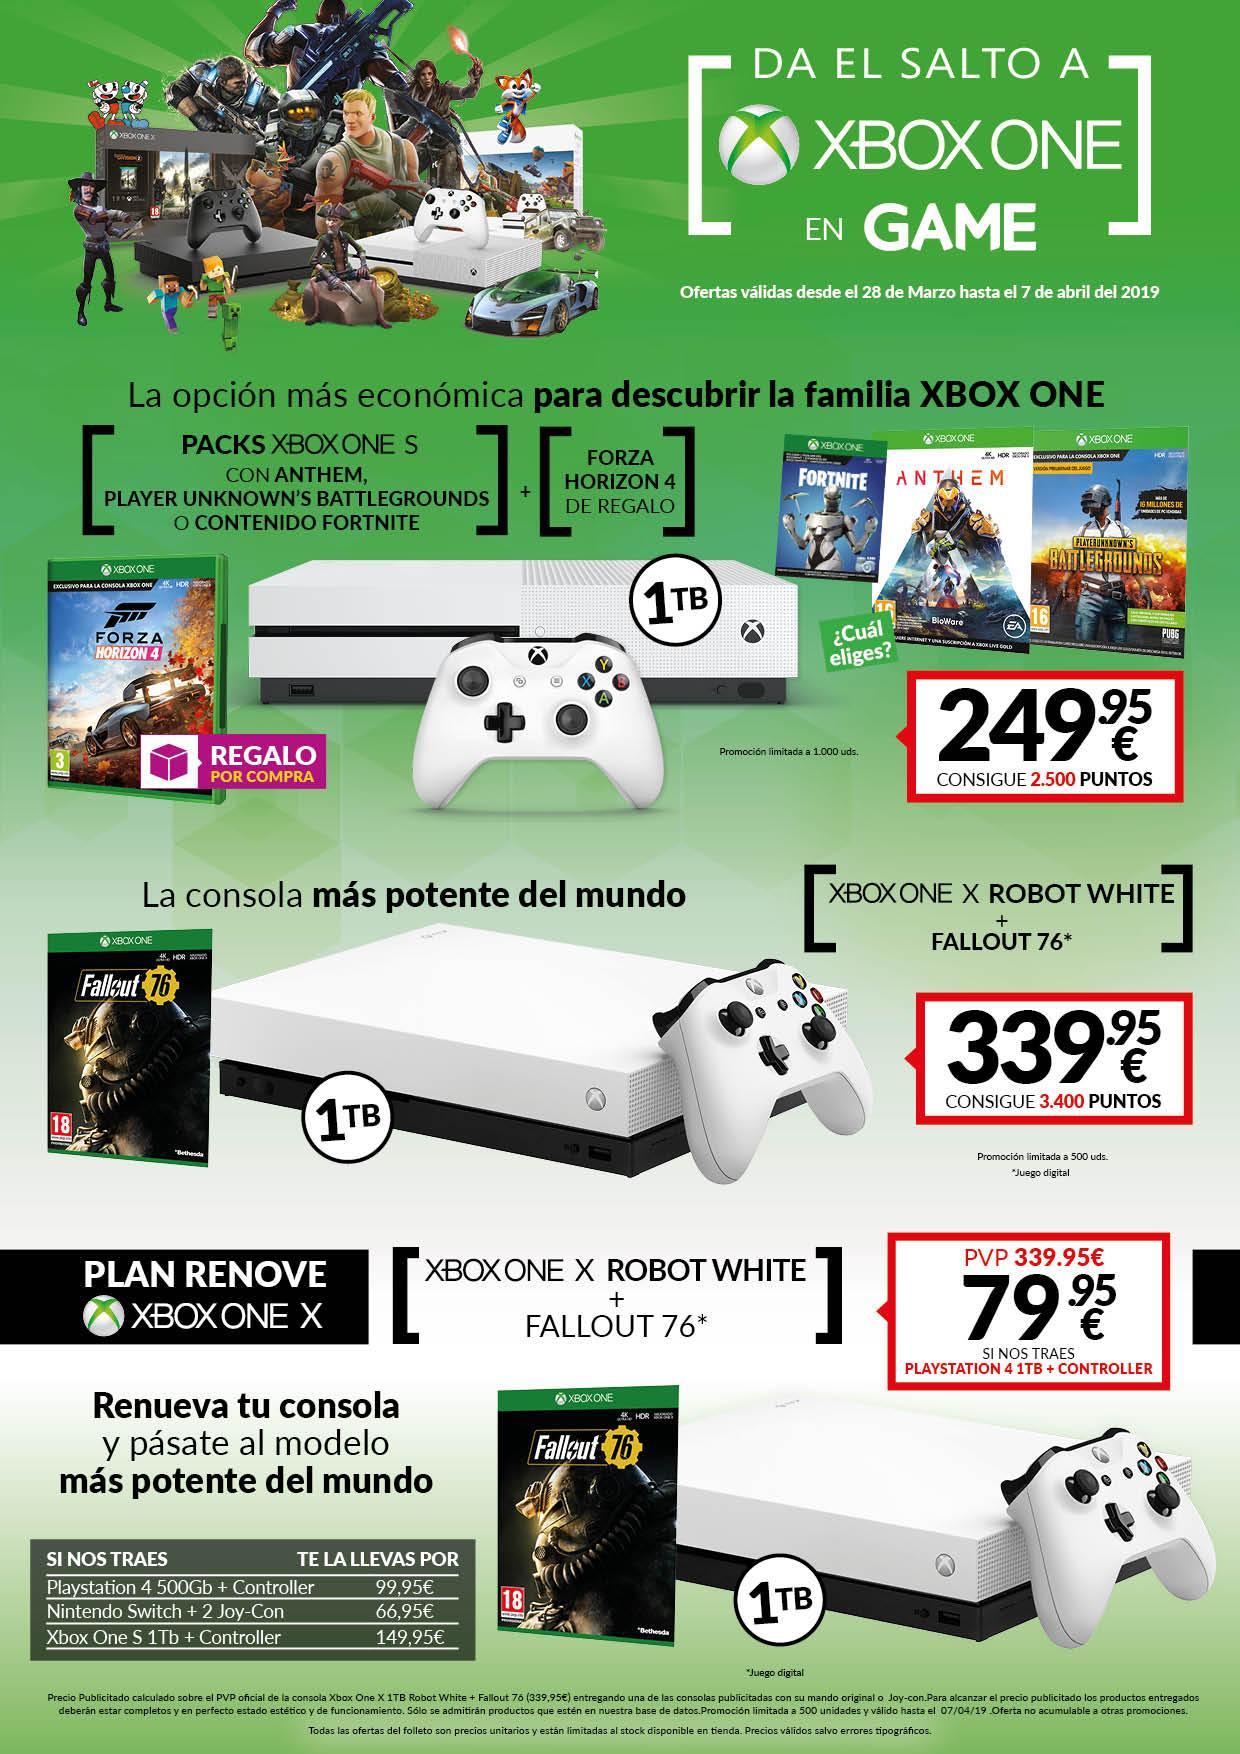 Da el salto a Xbox One con las nuevas ofertas de las tiendas GAME en accesorios y consolas Xbox One 2